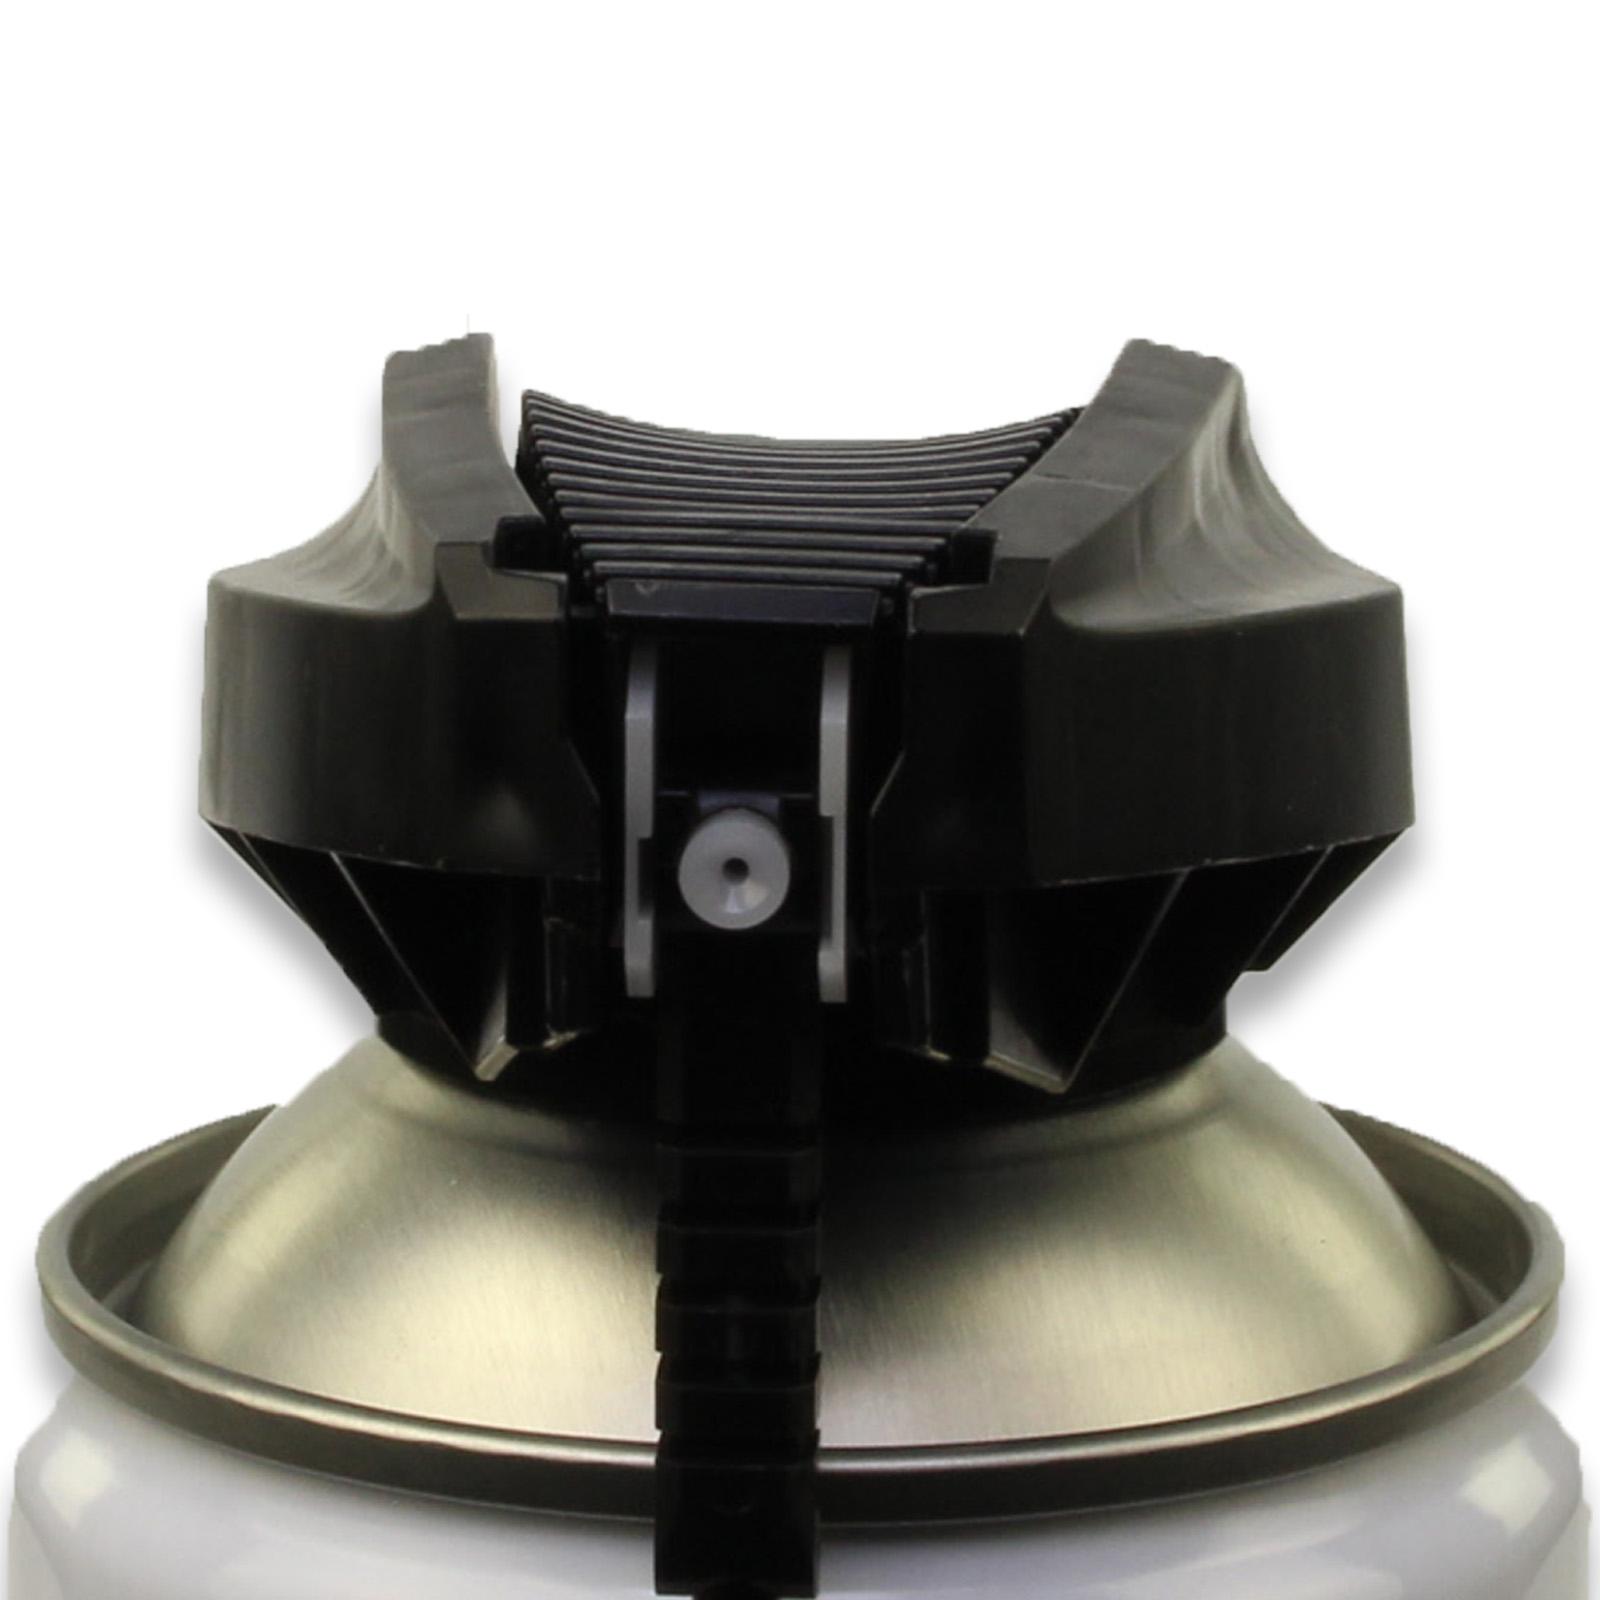 12x Lott Multifunktionsöl mit 2-Wege Sprühkopf 500ml